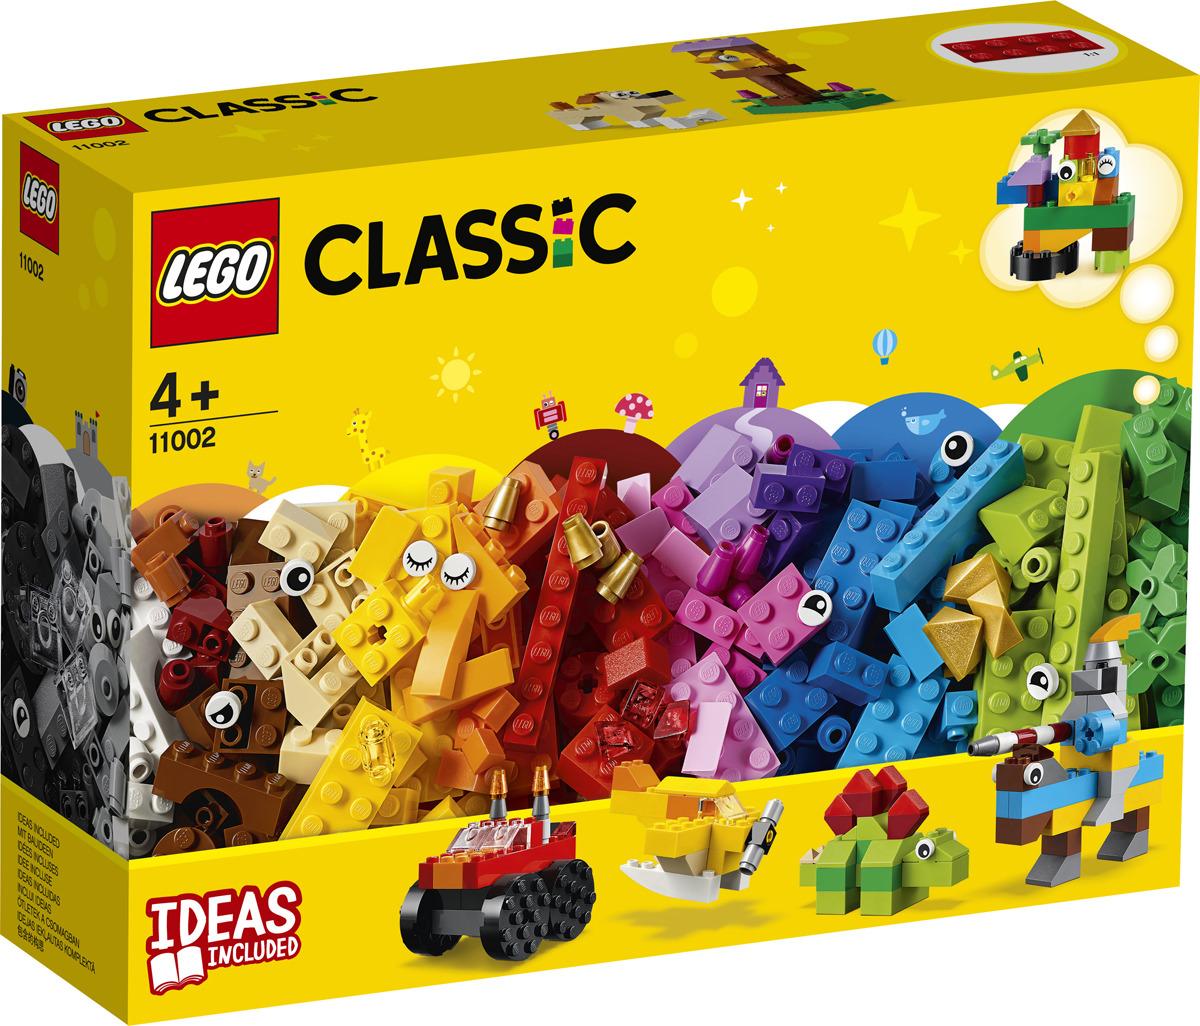 LEGO Classic 11002 Базовый набор кубиков Конструктор цена в Москве и Питере